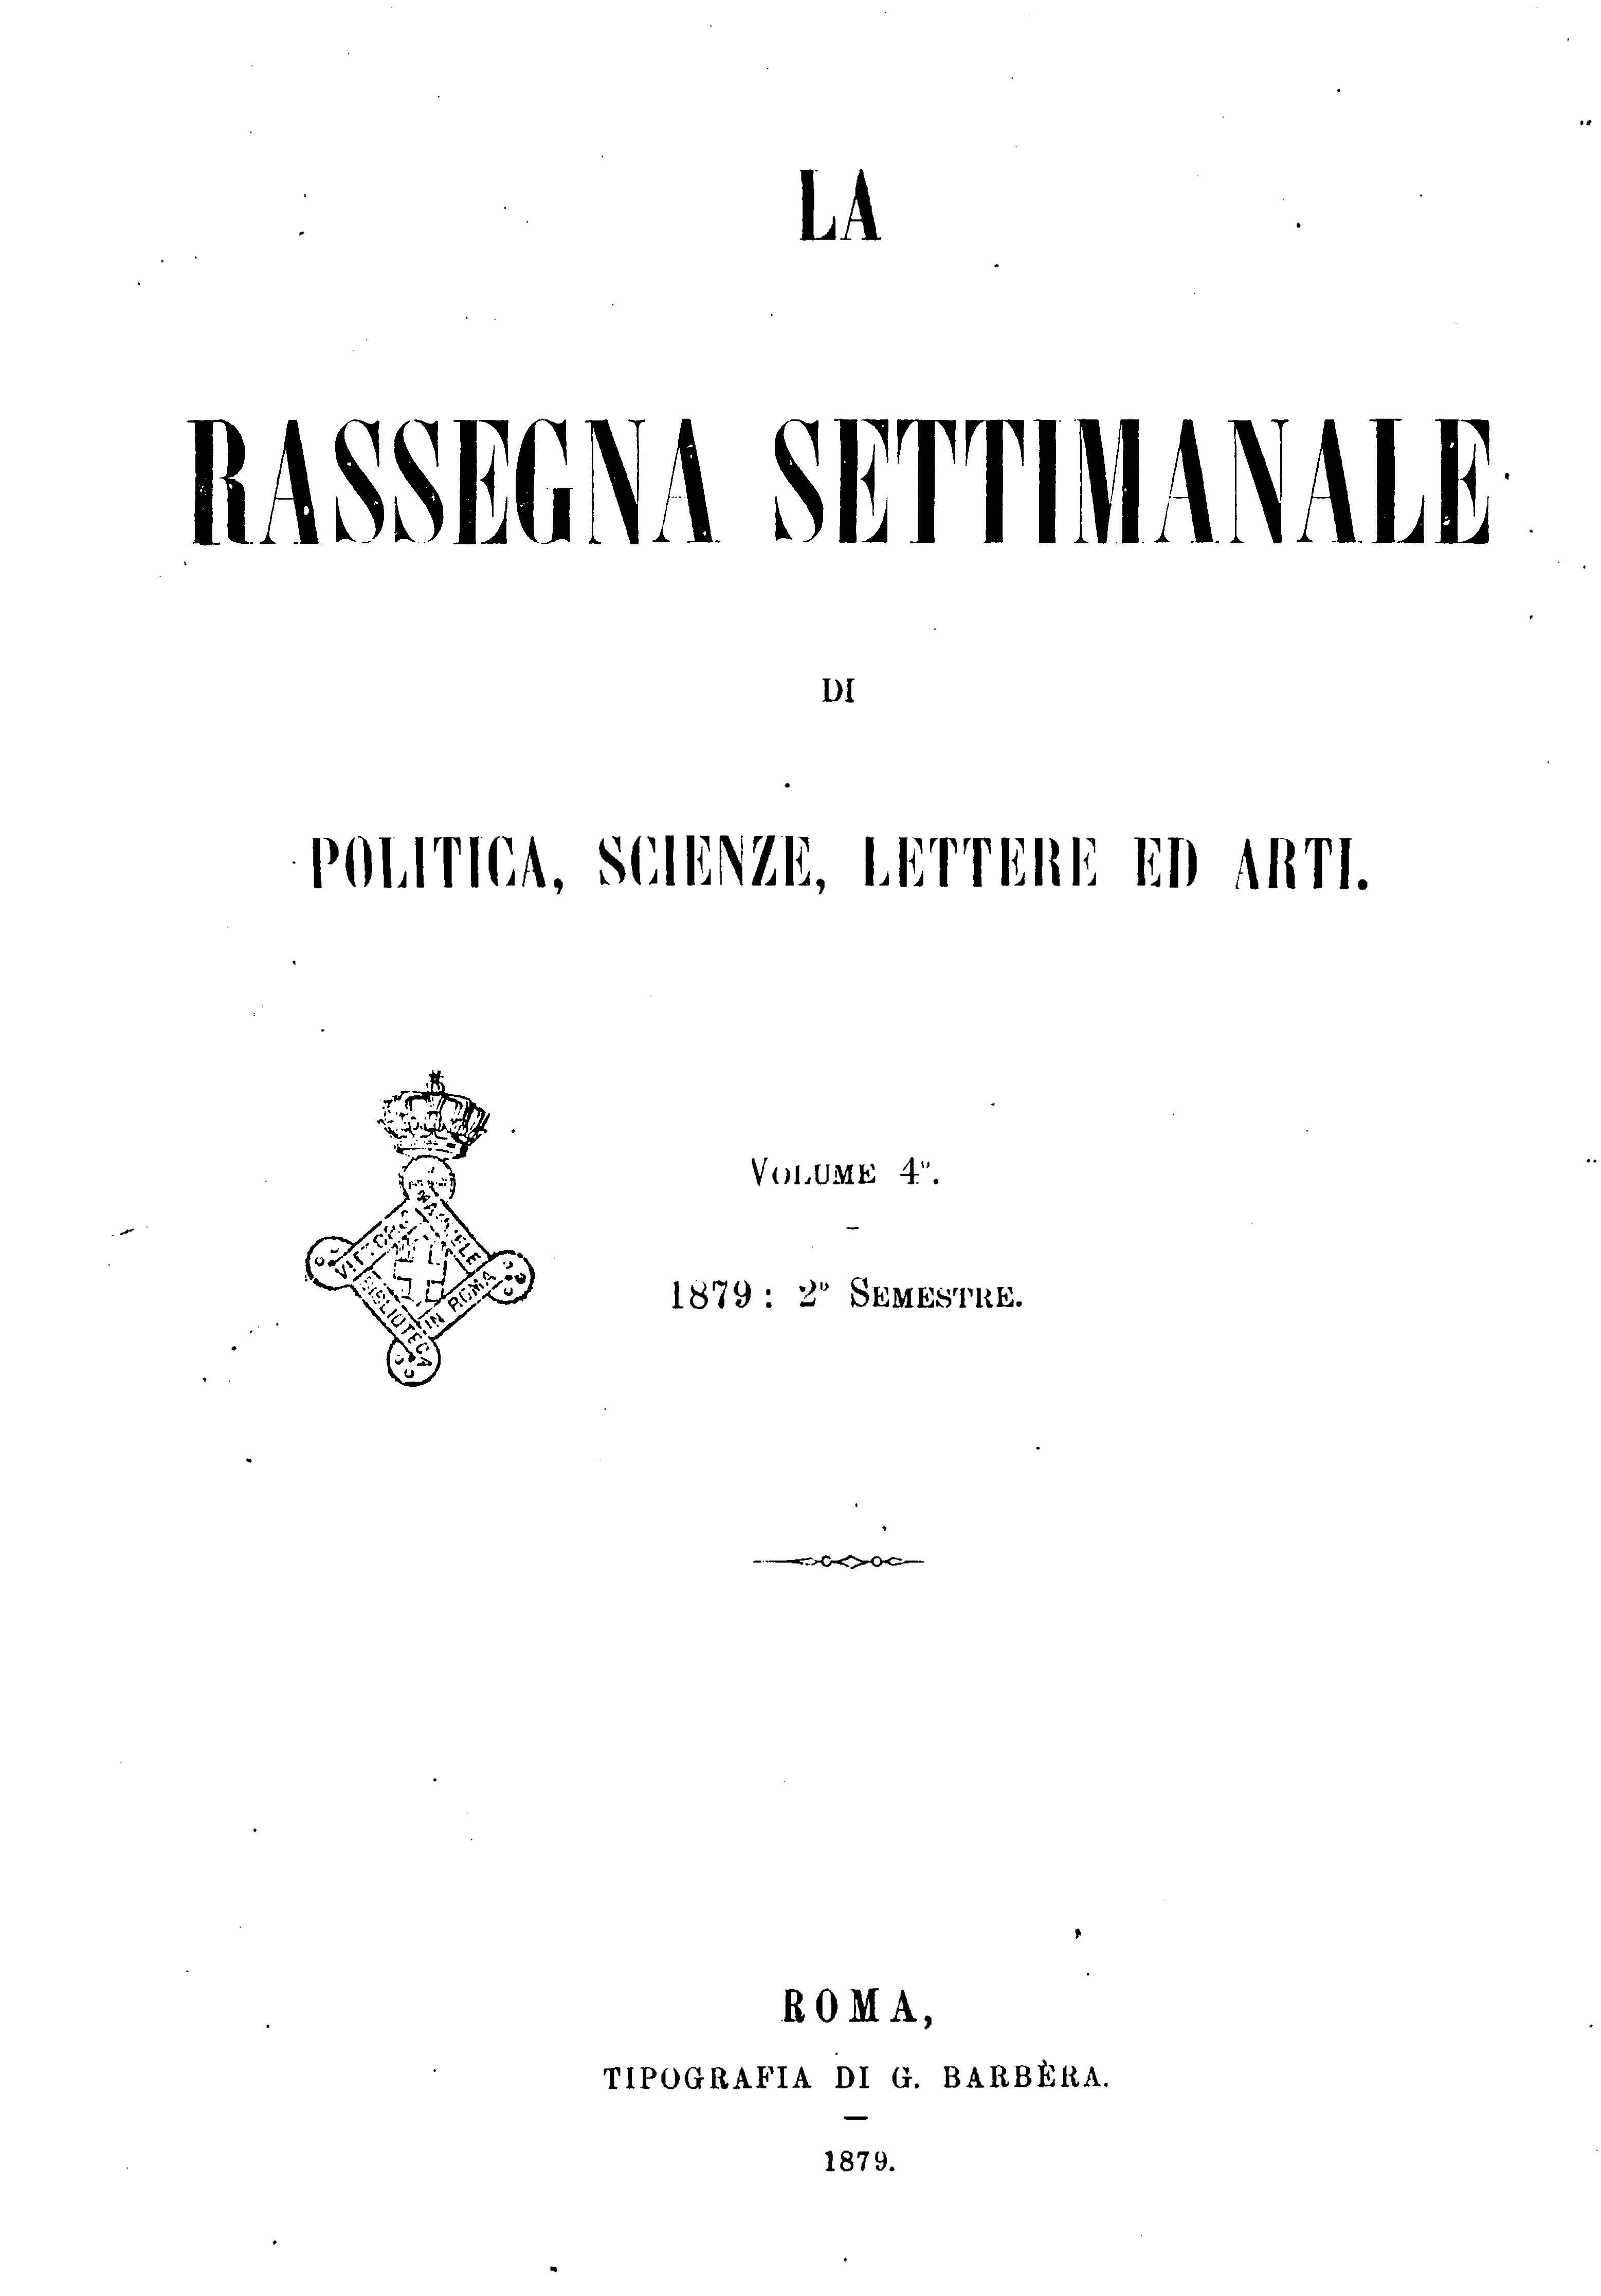 Fascicolo 81 - Volume 4 - 1879 - Semestre 2 - Trimestre 2